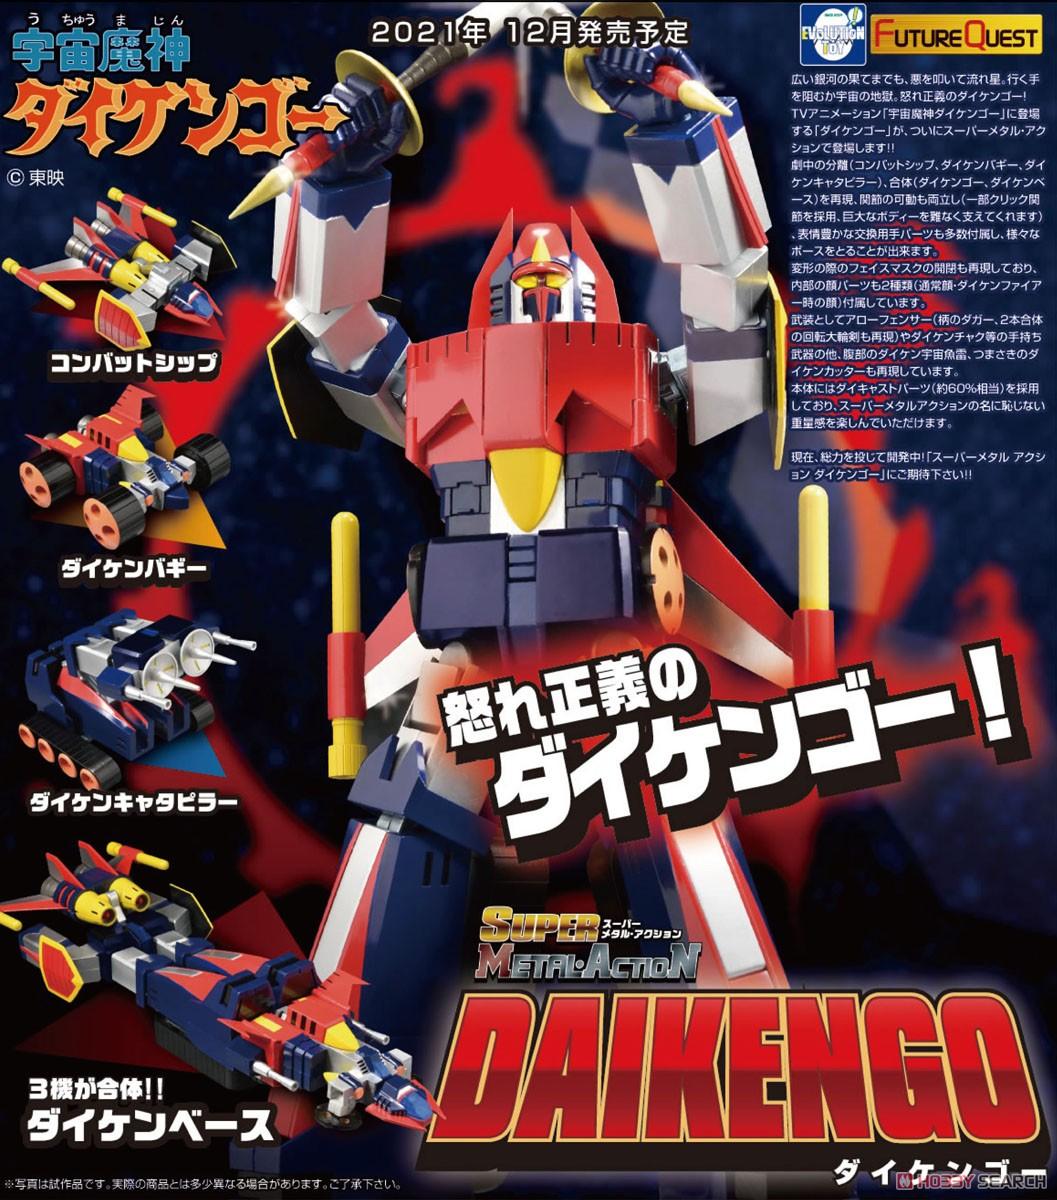 スーパーメタル・アクション『ダイケンゴー』宇宙魔神ダイケンゴー 変形合体可動フィギュア-013